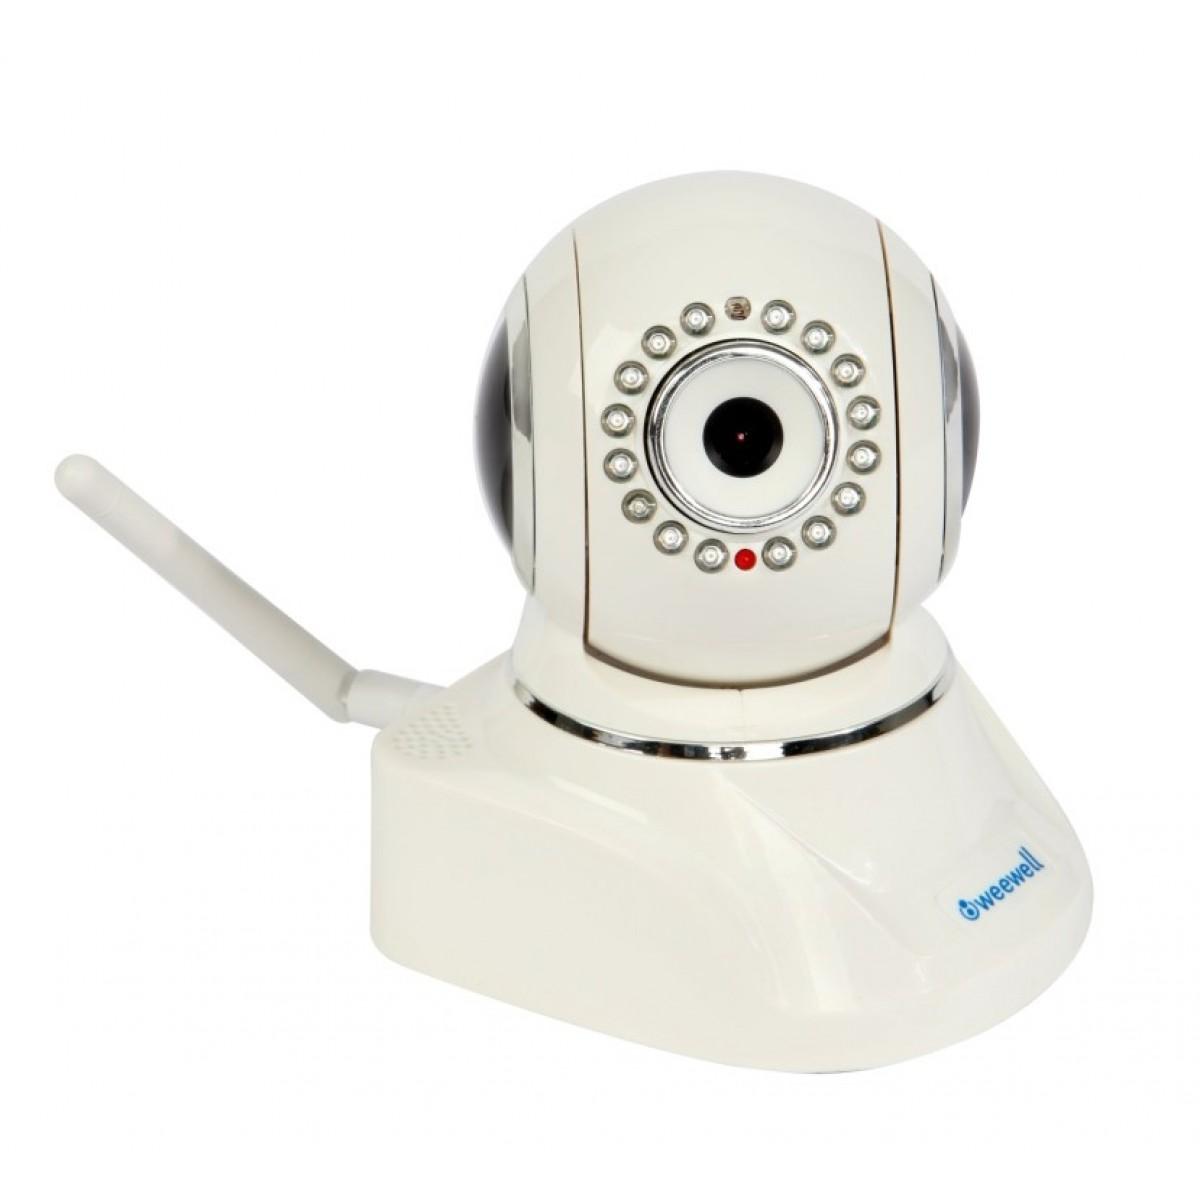 Weewell Uni Viewer Pro Kamera Uzaktan Hareket